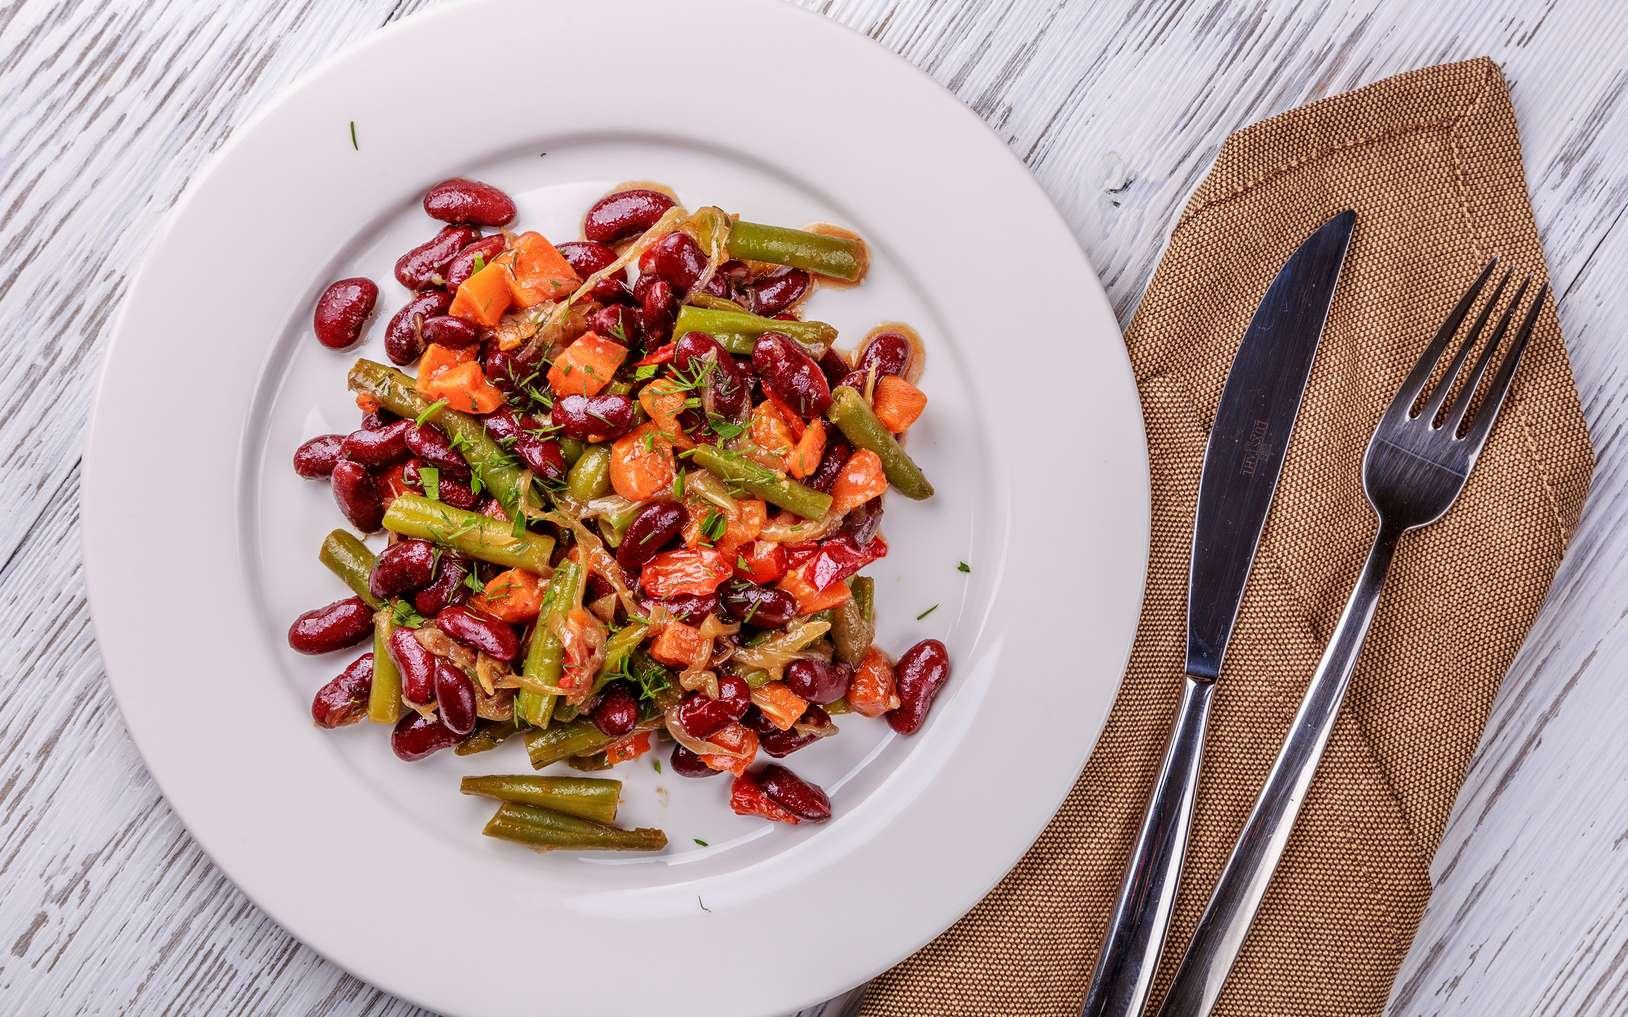 Les haricots secs peuvent être complétés par des poivrons riches en vitamine C pour augmenter la biodisponibilité de leur fer. © Alexander, Fotolia